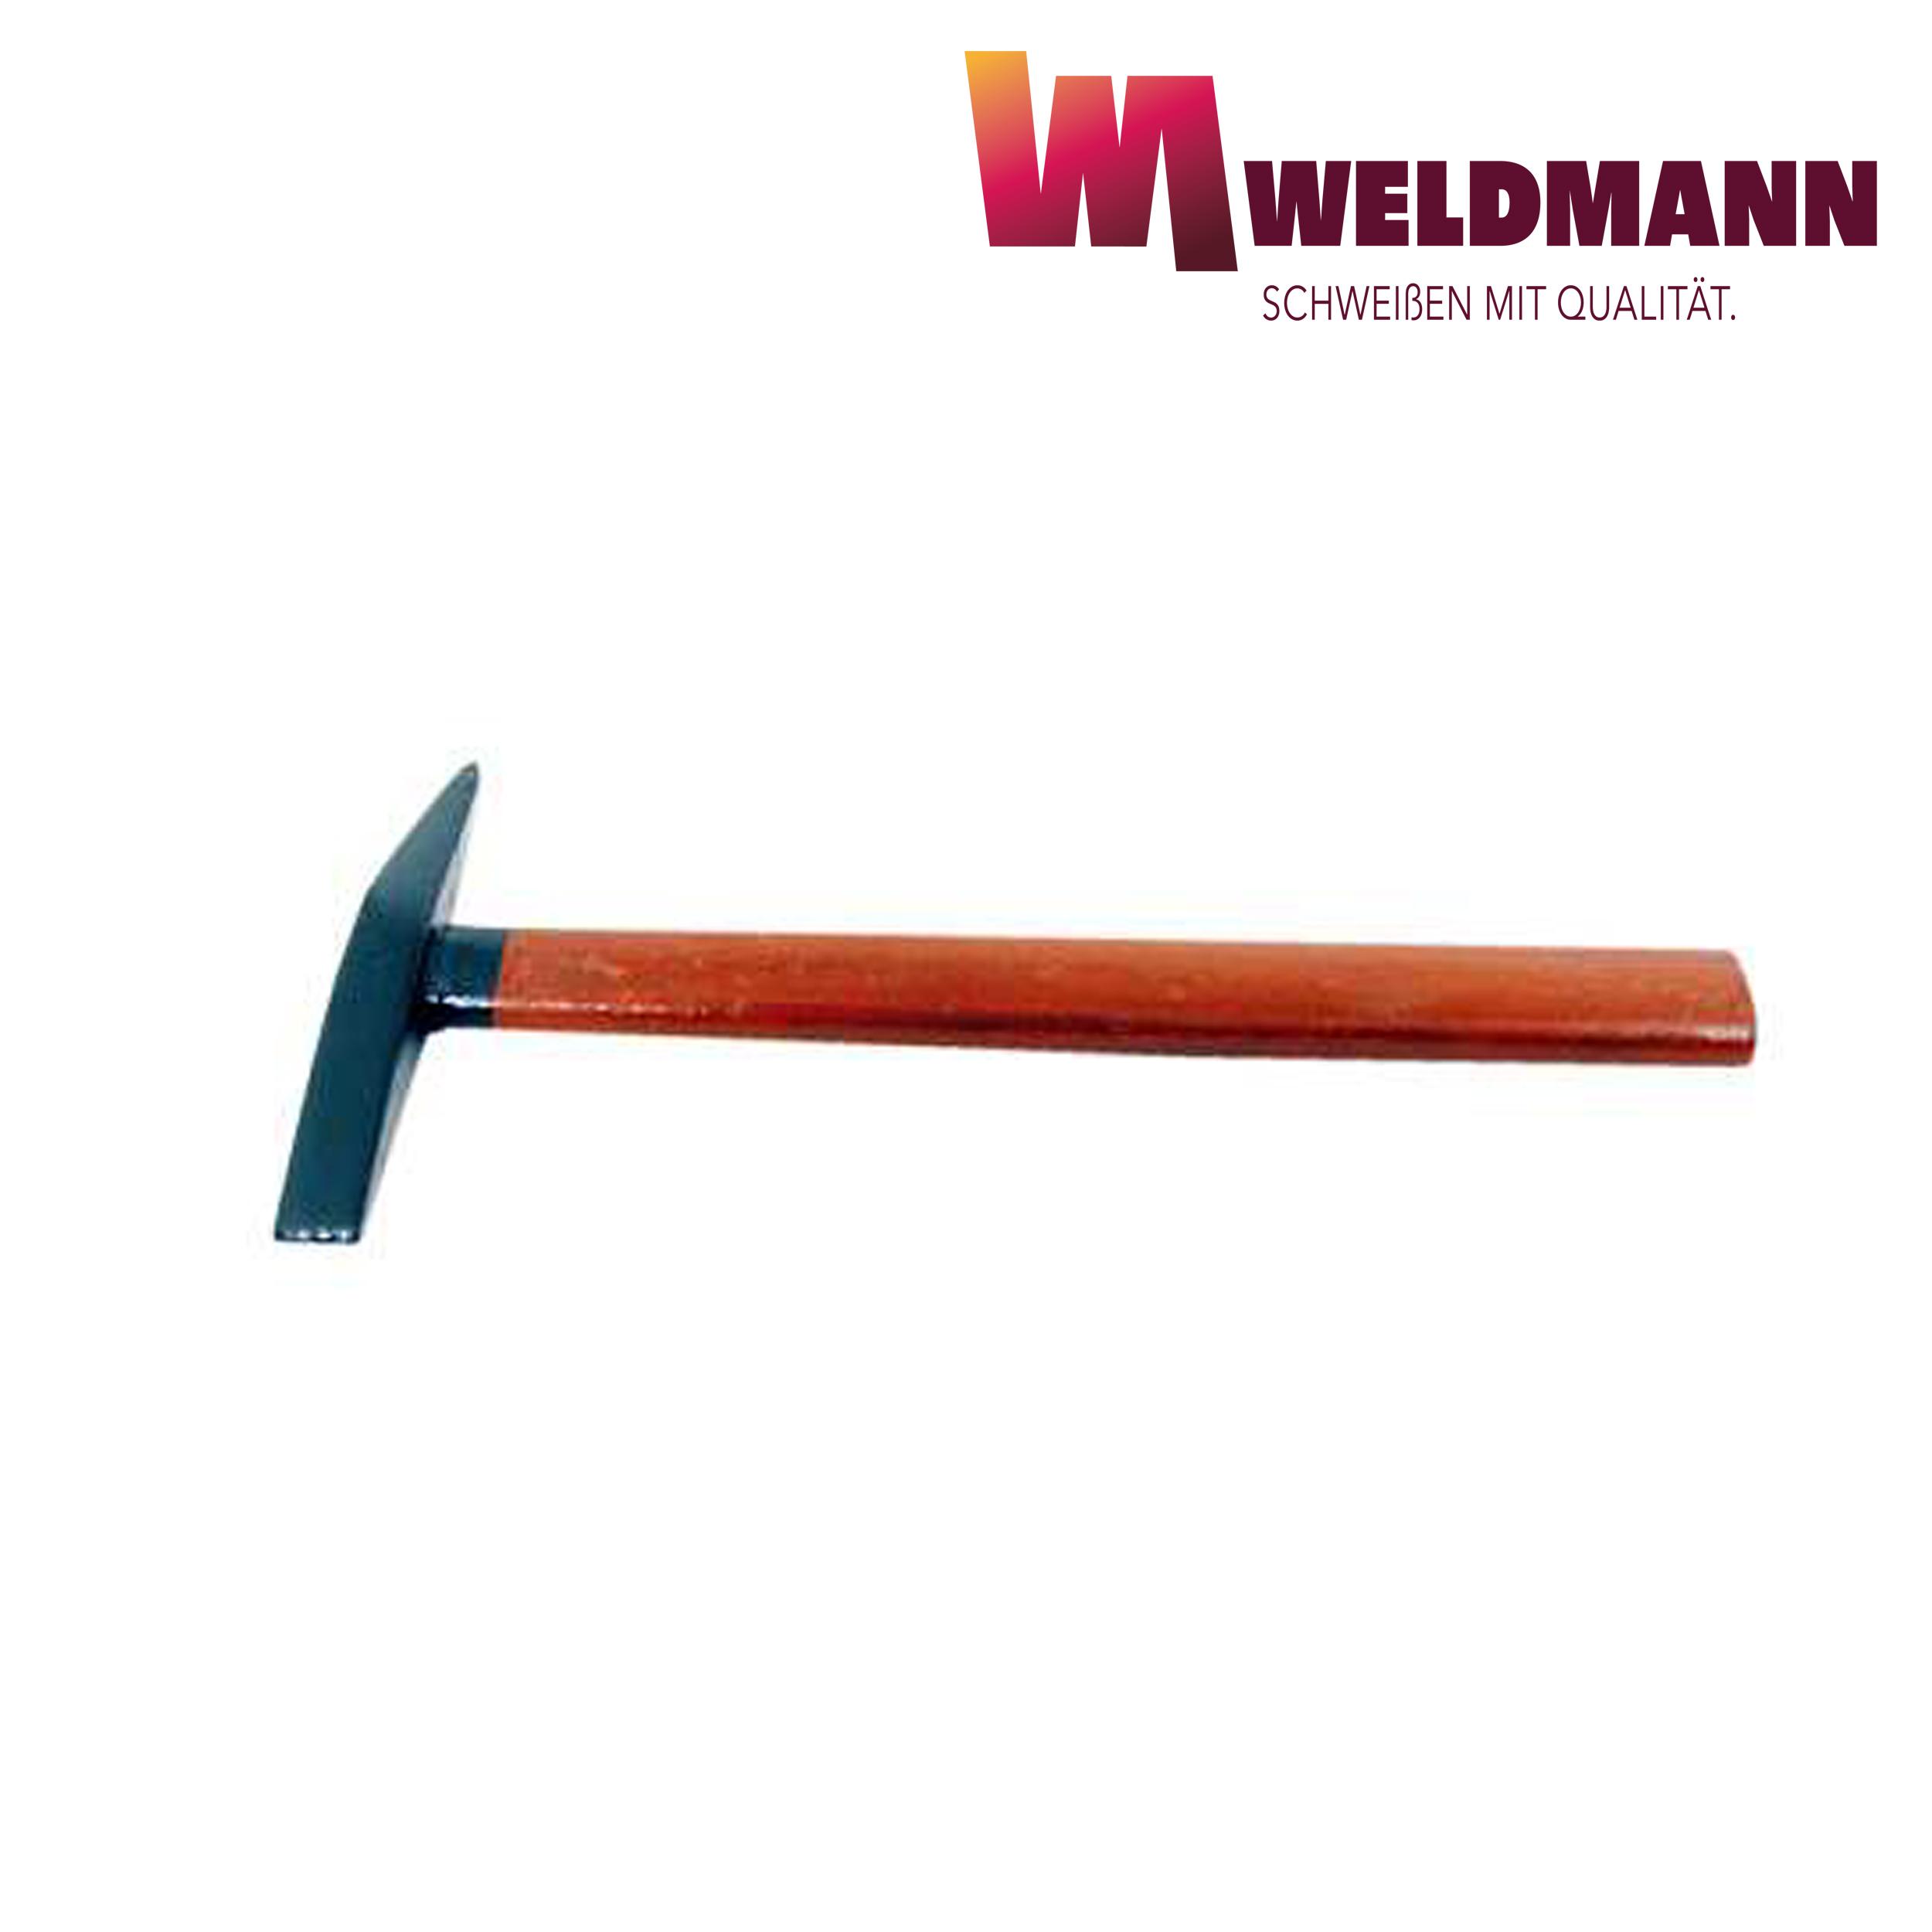 Stahlhammer 245 g Holzstiel